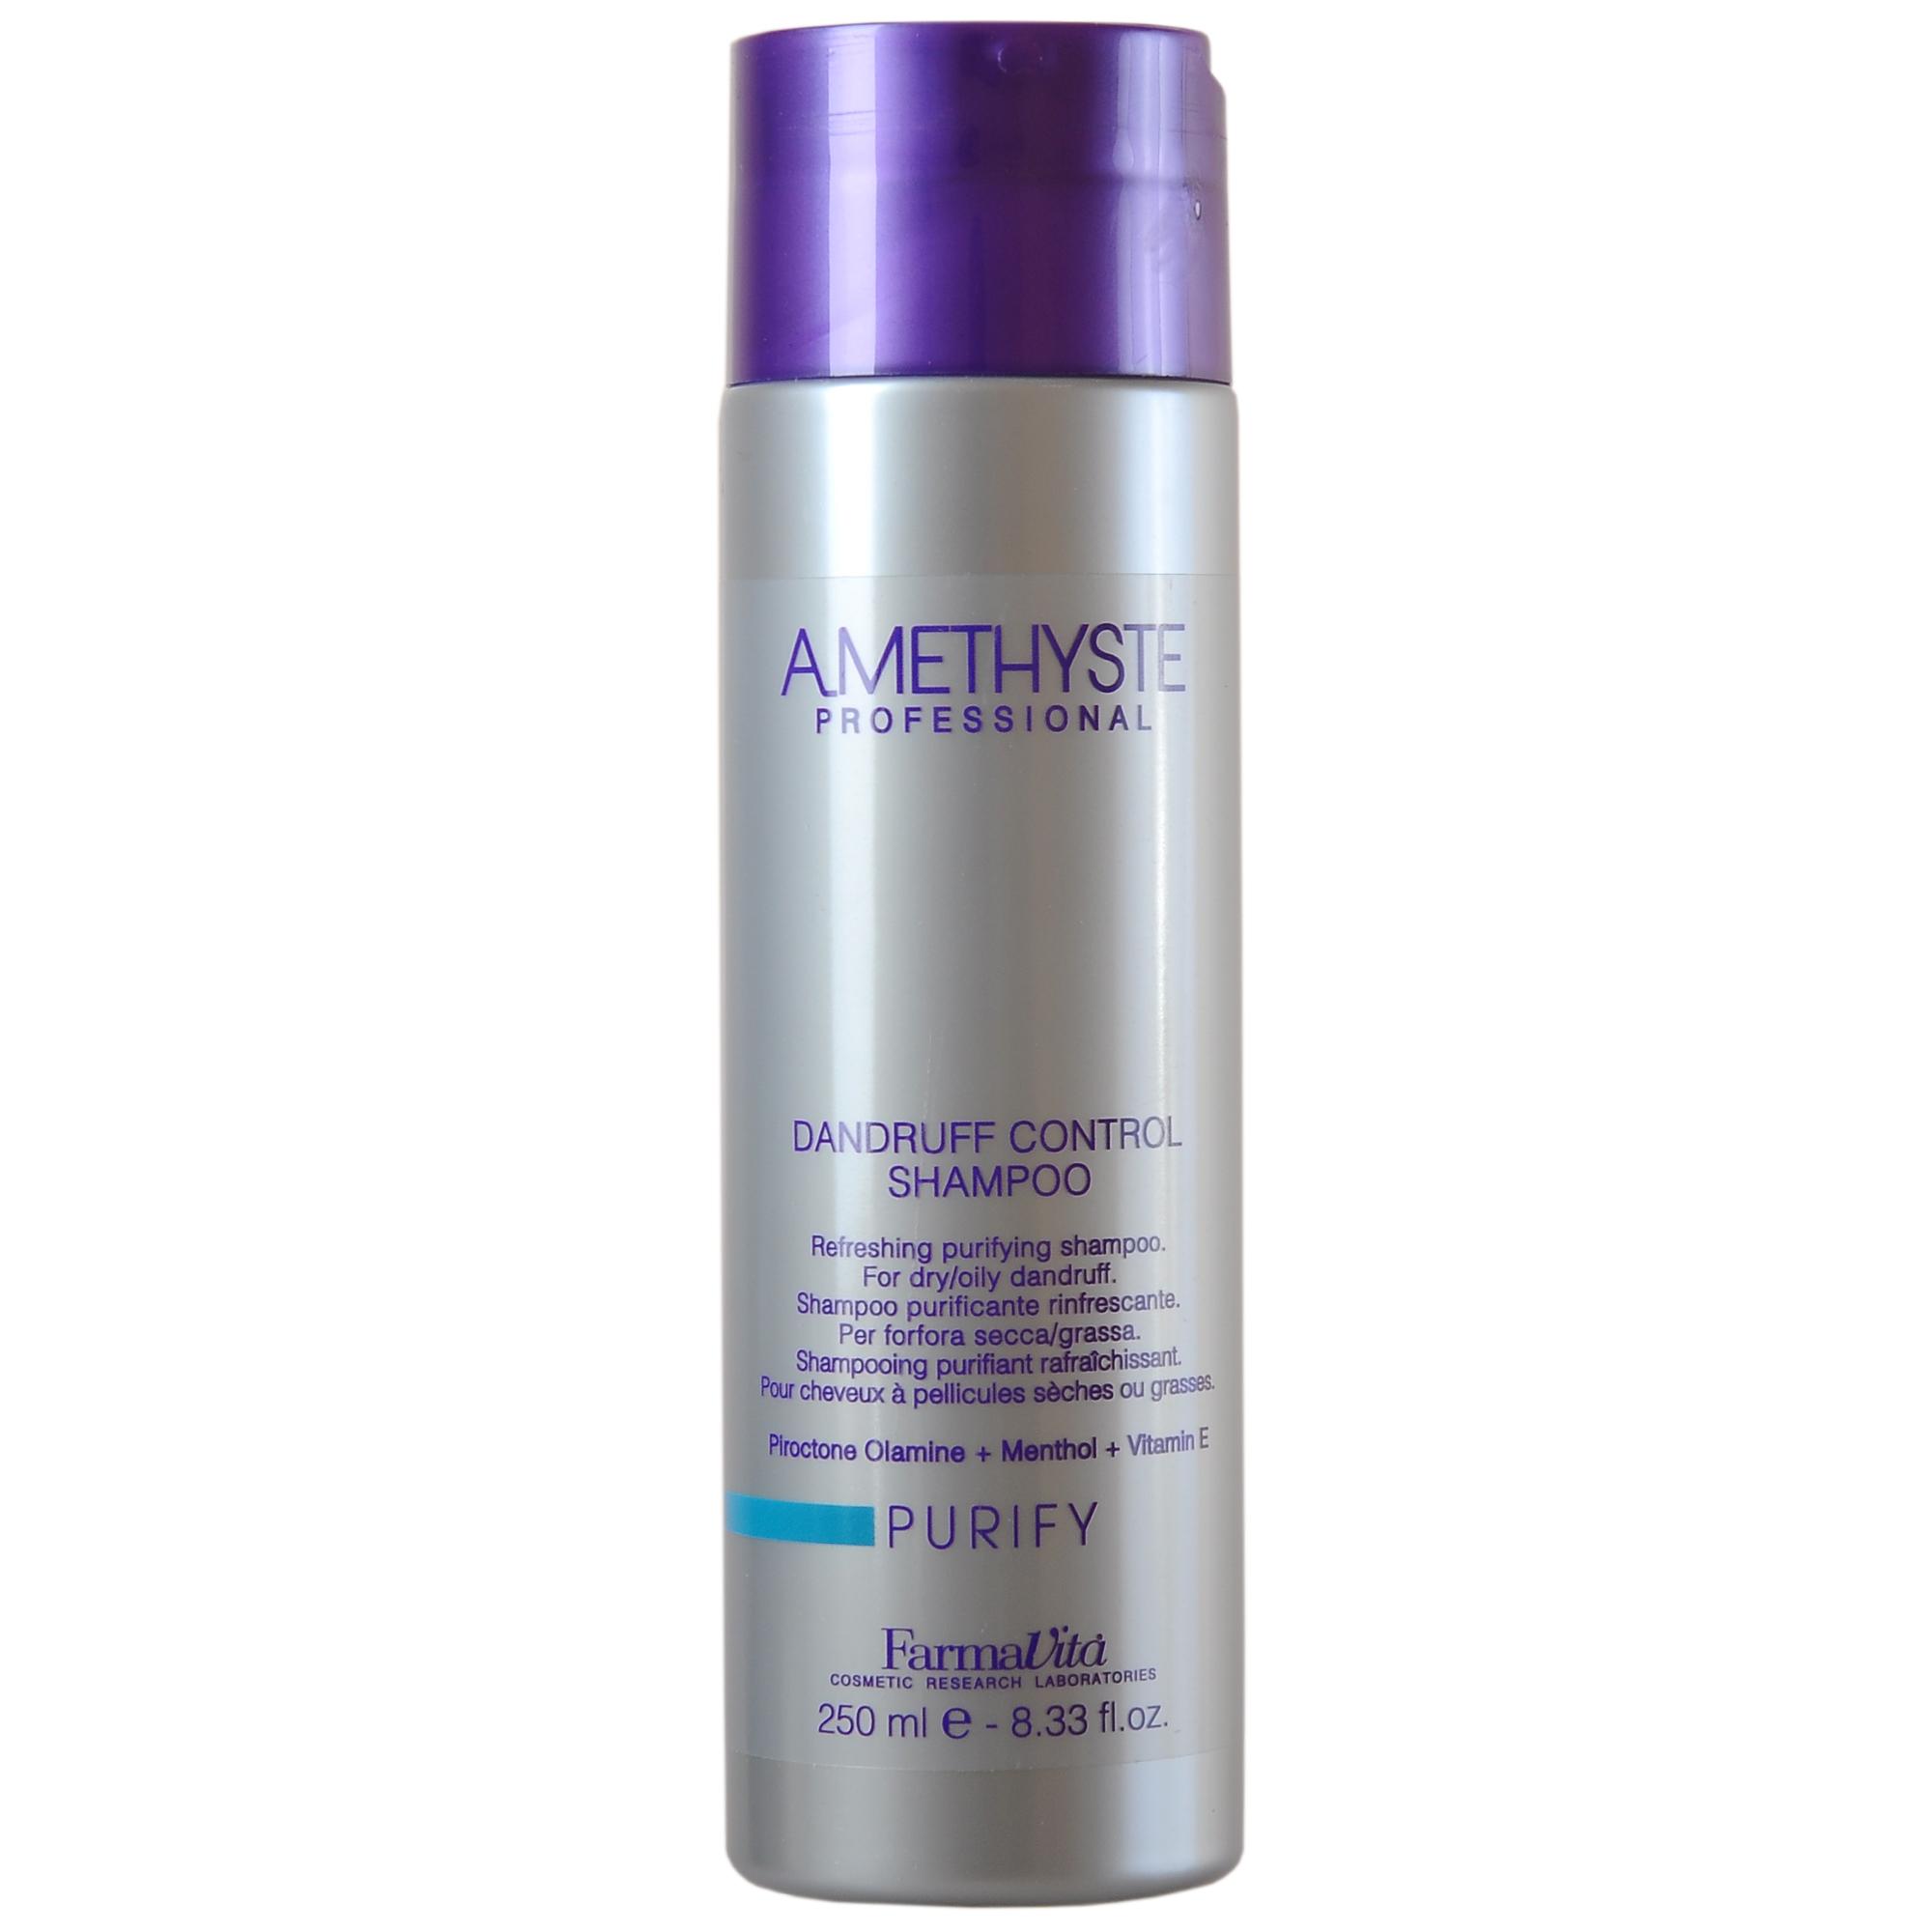 FARMAVITA Шампунь против перхоти / Amethyste purify dandruff controll shampoo 250мл